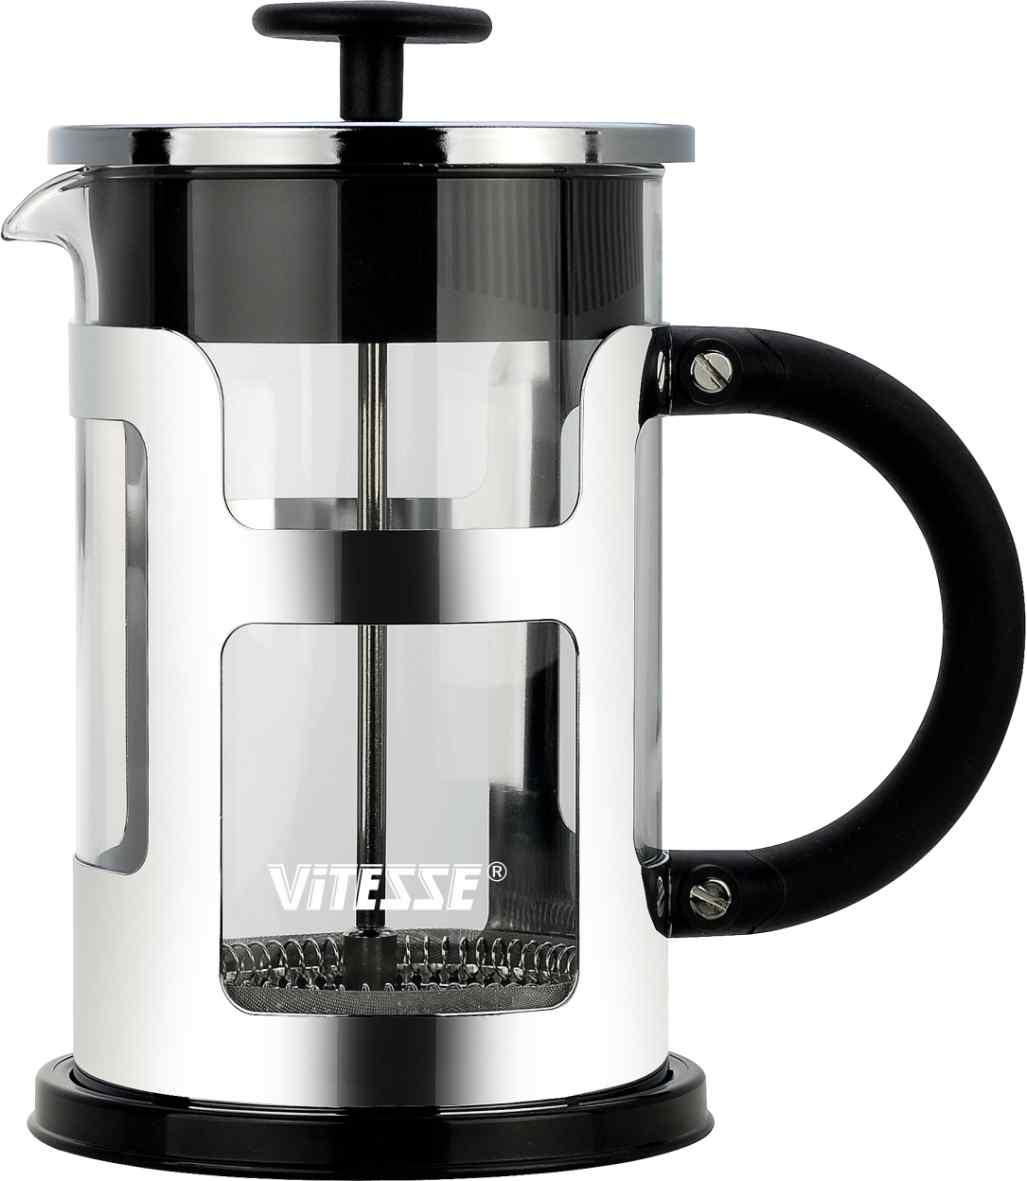 Френч-пресс Vitesse, 800 мл. VS-2612VS-2612Френч-пресс Vitesse предназначен для приготовления кофе методом настаивания и отжима, а также для заваривания чая и различных трав. Центральный элемент френч-прессов - плунжер - представляет собой фильтр с ручкой, позволяющий эффективно отделять сырье от напитка при отжиме. Корпус, фильтр и крышка выполнены из высококачественной нержавеющей стали с зеркальной полировкой, колба изготовлена из термостойкого стекла. Эргономичная прорезиненная ручка обеспечивает надежный хват и комфорт во время использования. Устойчивое пластиковое основание обладает термоизоляционными свойствами, поэтому вы можете не бояться, что ваш стол может быть поврежден от высоких температур. Специальная сеточка-фильтр эффективно задерживает чаинки и кофейный осадок. В комплекте пластиковая мерная ложка. Можно мыть в посудомоечной машине. Объем: 800 мл. Диаметр (по верхнему краю): 9,5 см. Высота френч-пресса: 19 см. Длина ложечки: 10 см. Диаметр основания:...